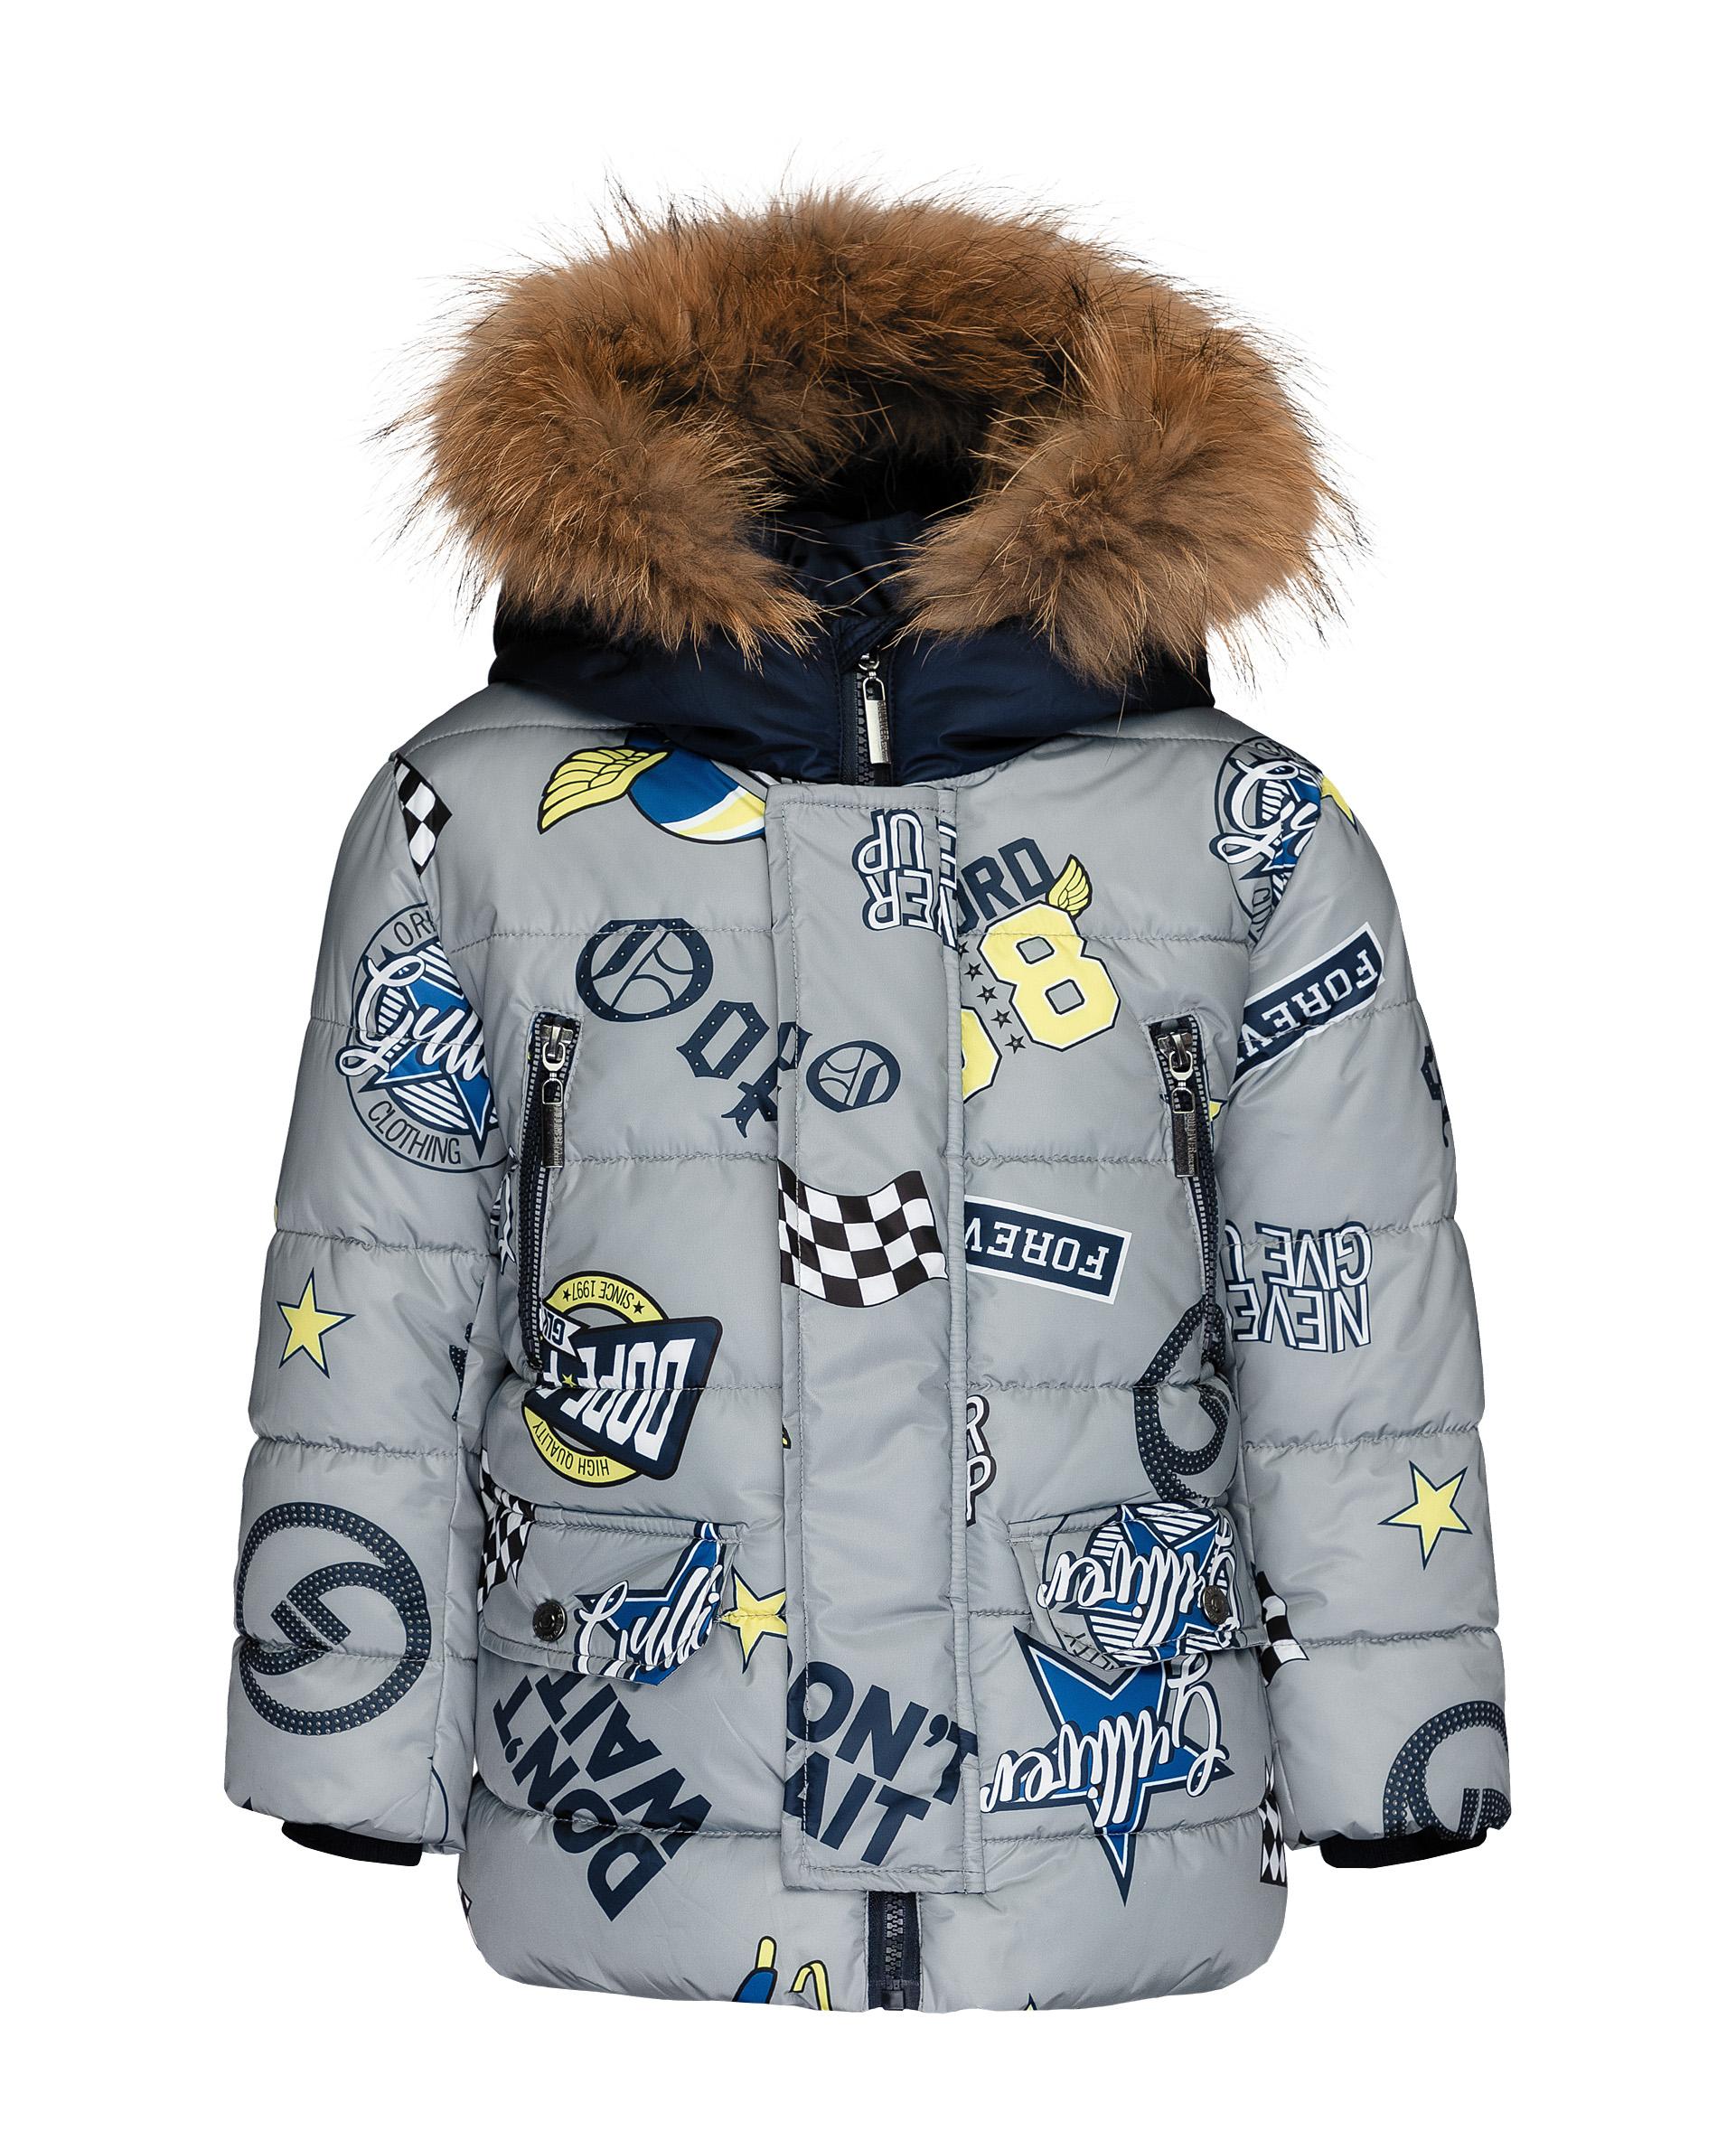 Купить 21906BMC4501, Пальто для мальчиков Gulliver, цв. серый, р.98, Детские пальто для мальчиков